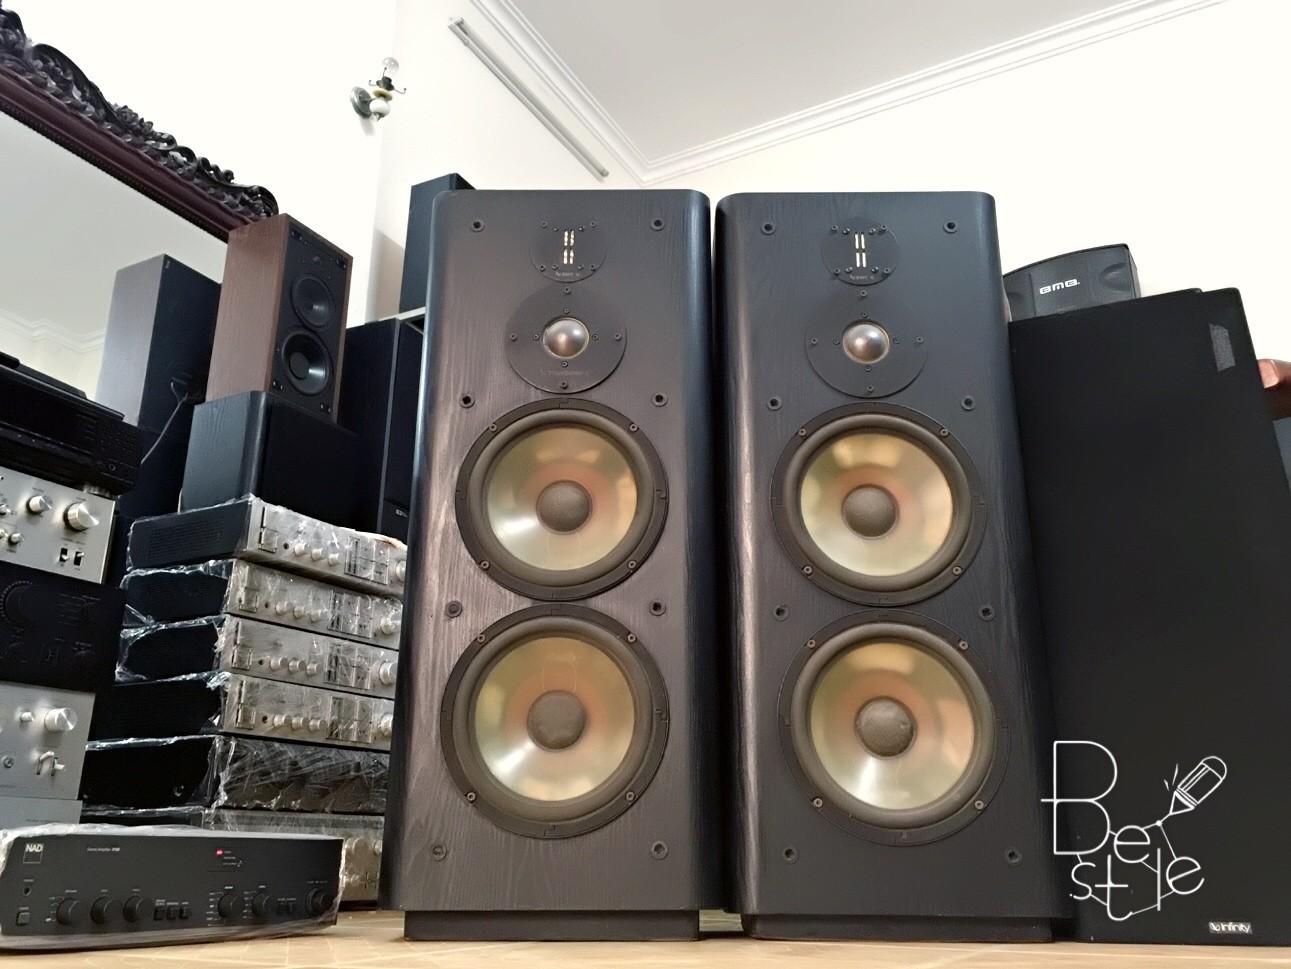 2 Bán đôi loa infinity RS6000 2 bass 25 trung dome tép emit bãi USA tiếng sâu mạnh mẽ